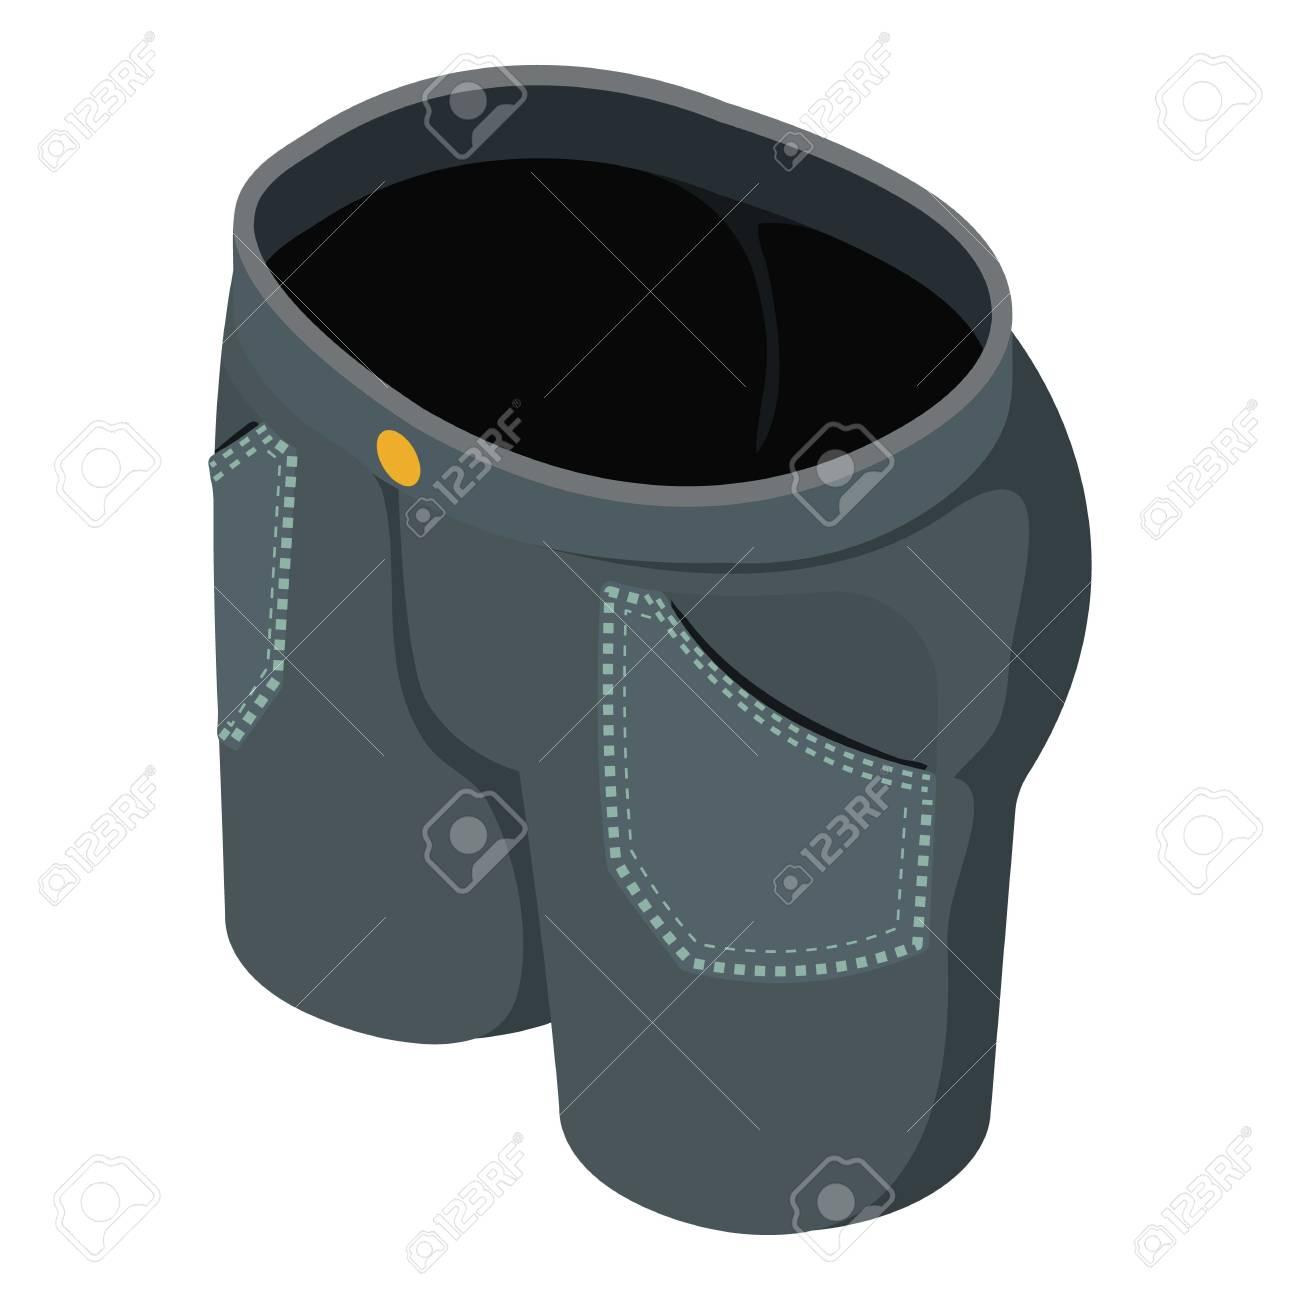 reunirse 228eb a076c Icono de pantalones vaqueros cortos negros, estilo isométrico 3d